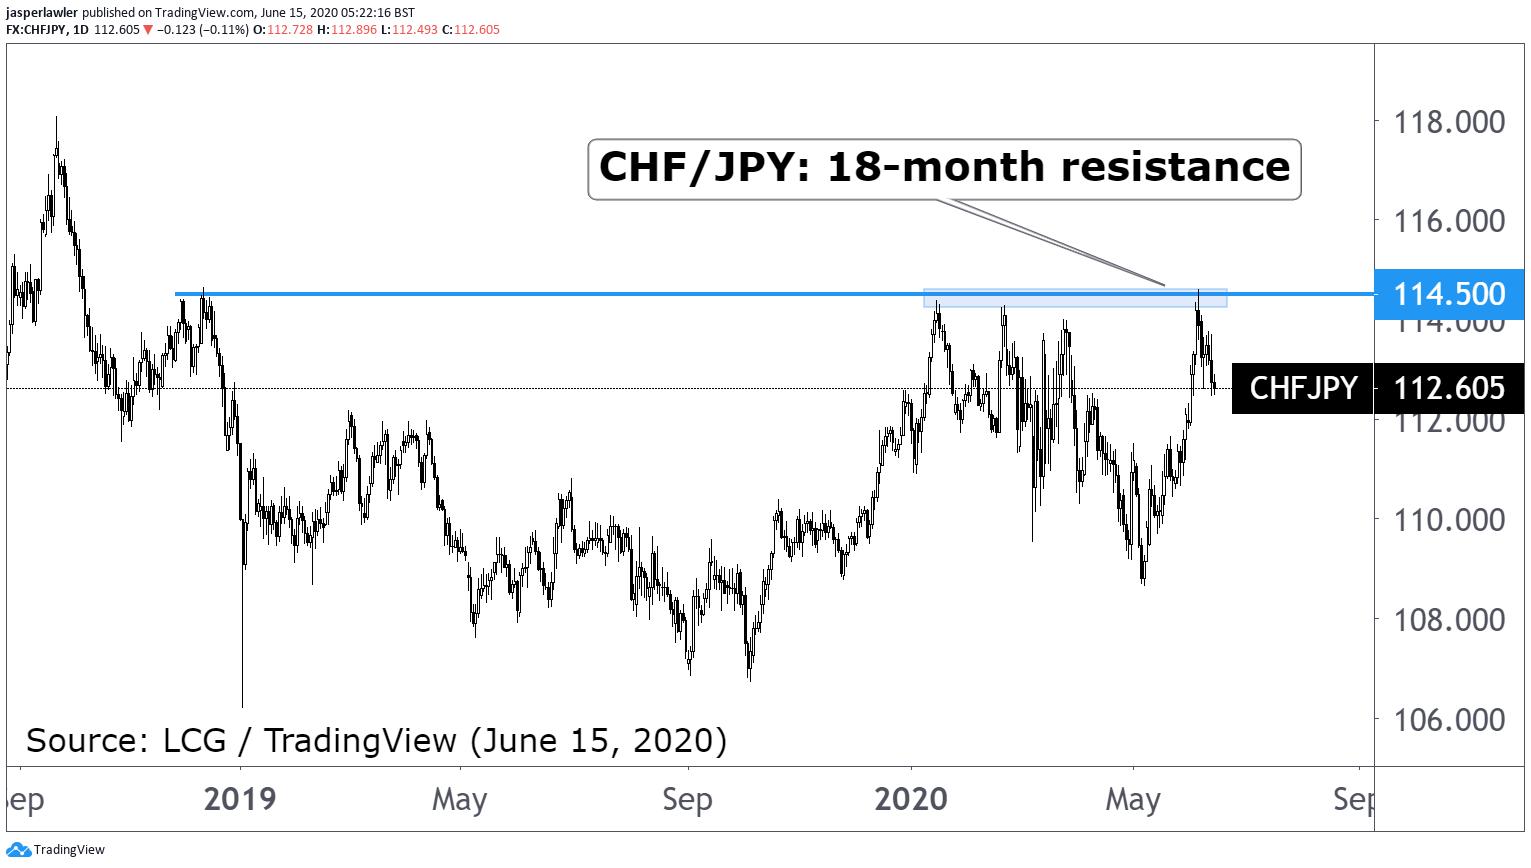 CHF/JPY Chart